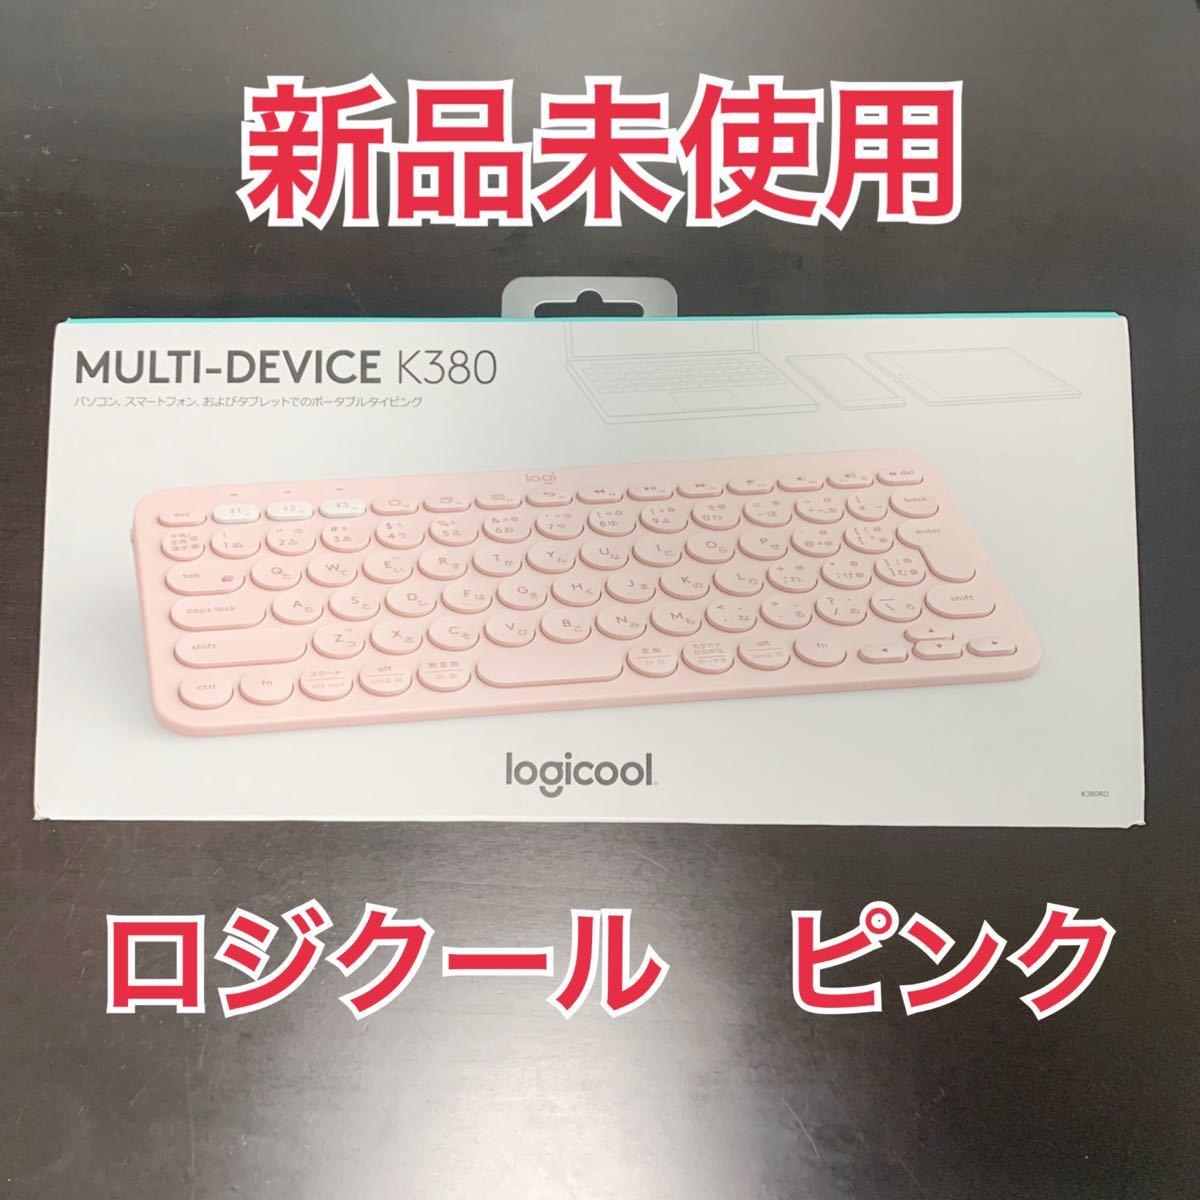 ワイヤレスキーボード Logicool K380 ローズ ロジクール